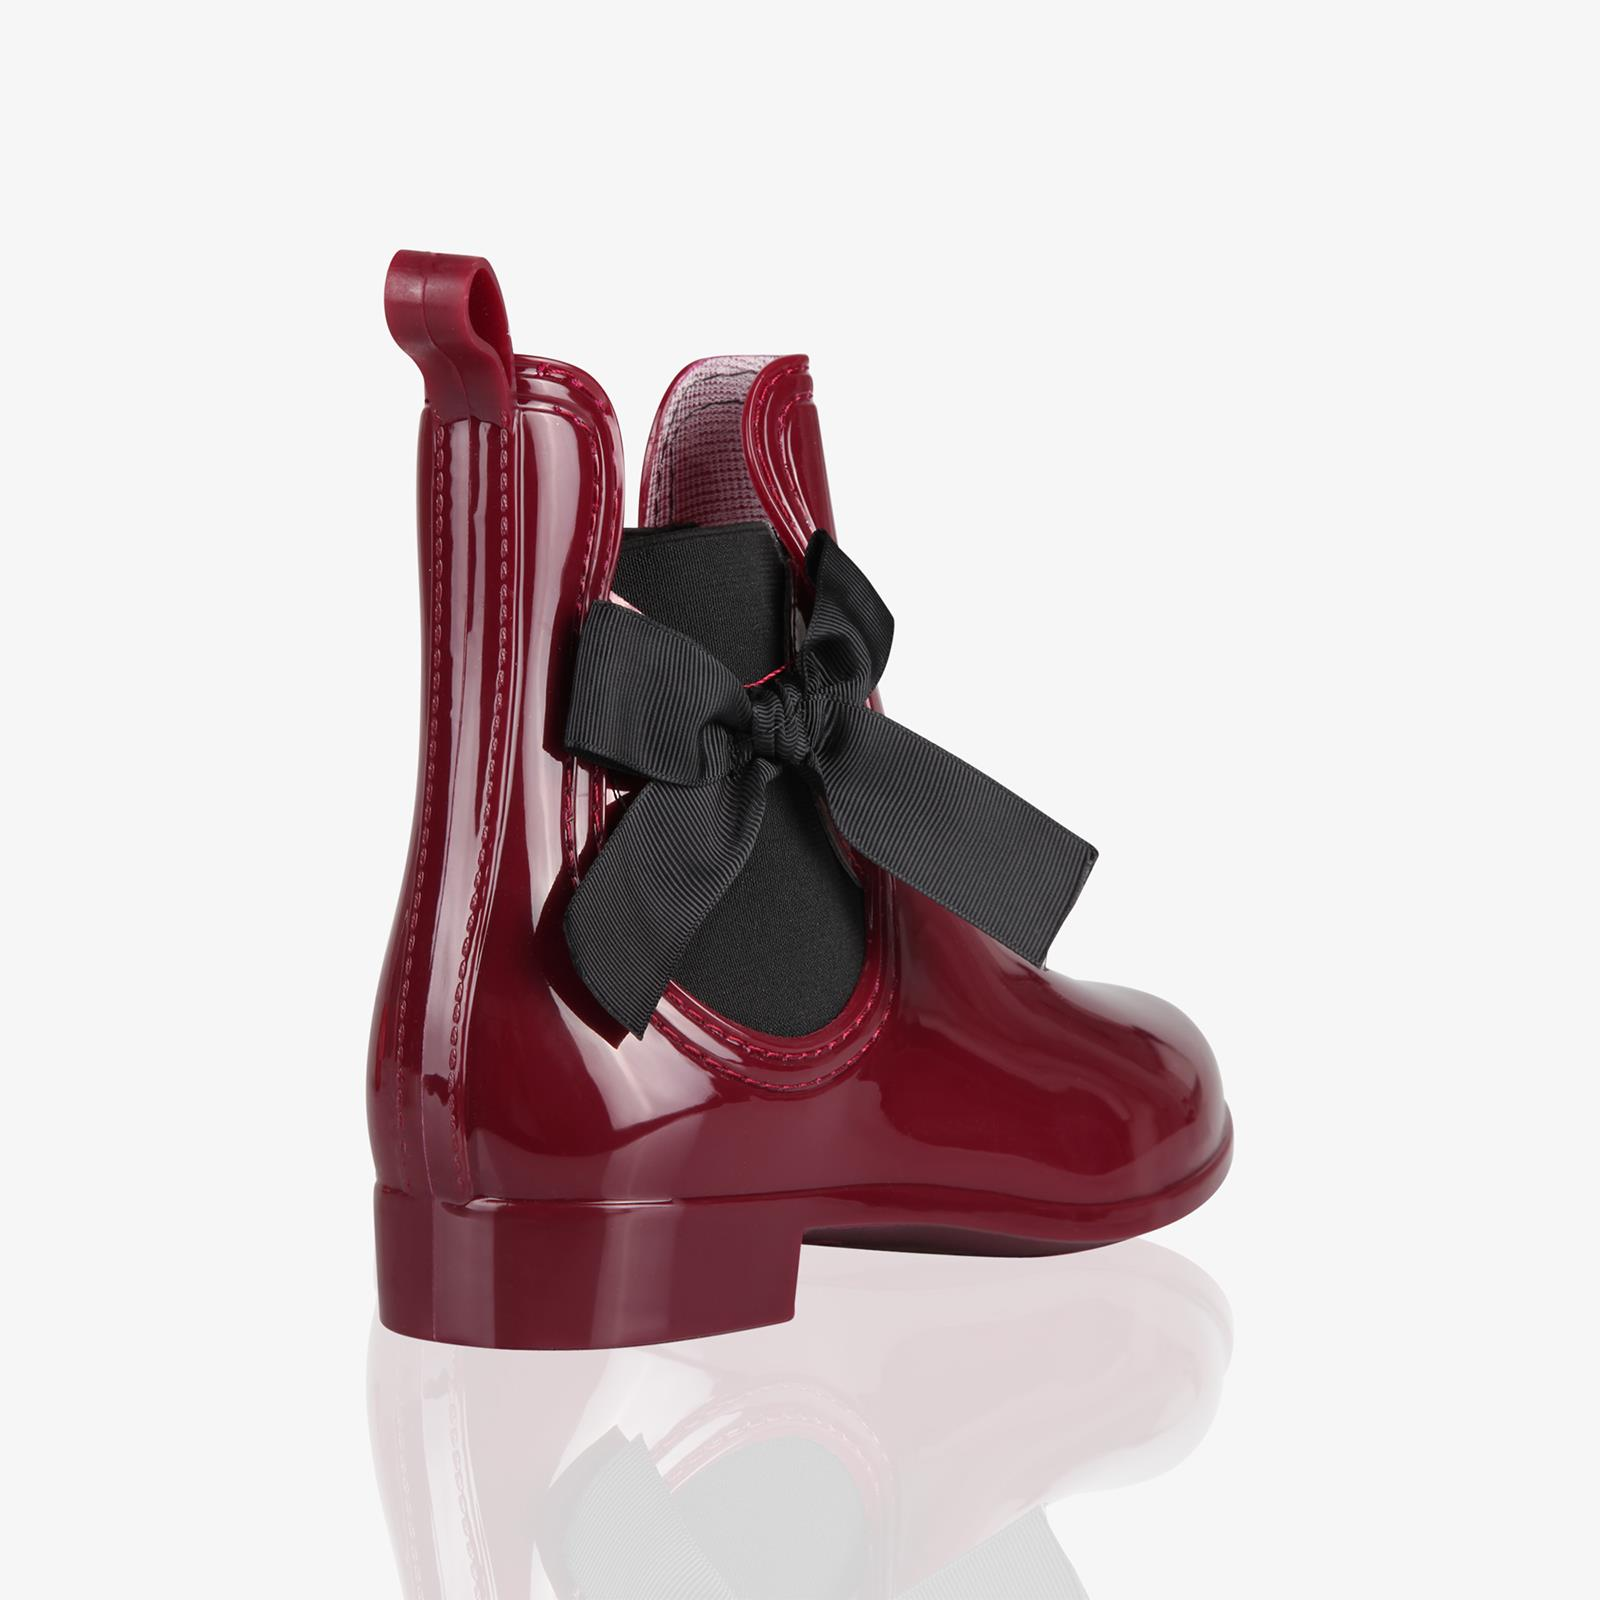 Botas-Agua-Mujer-Barata-Original-Botines-Moda-Comodas-Calzado-Elastico-Juveniles miniatura 14